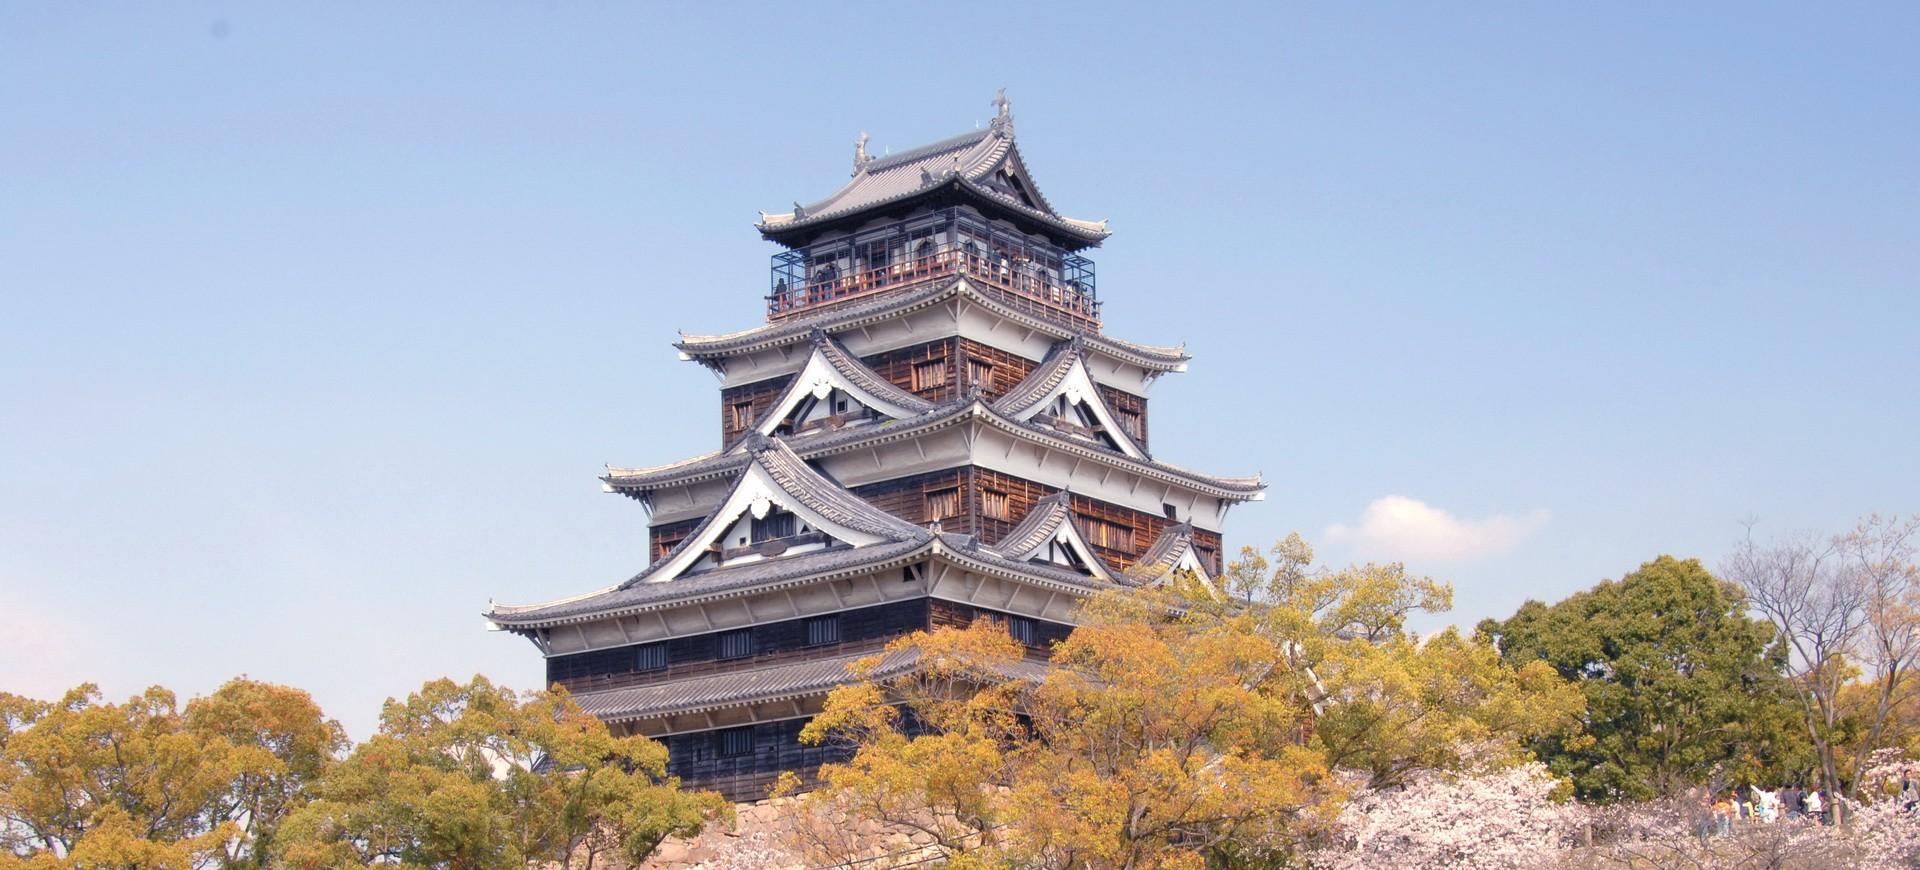 Japon Hiroshima Château